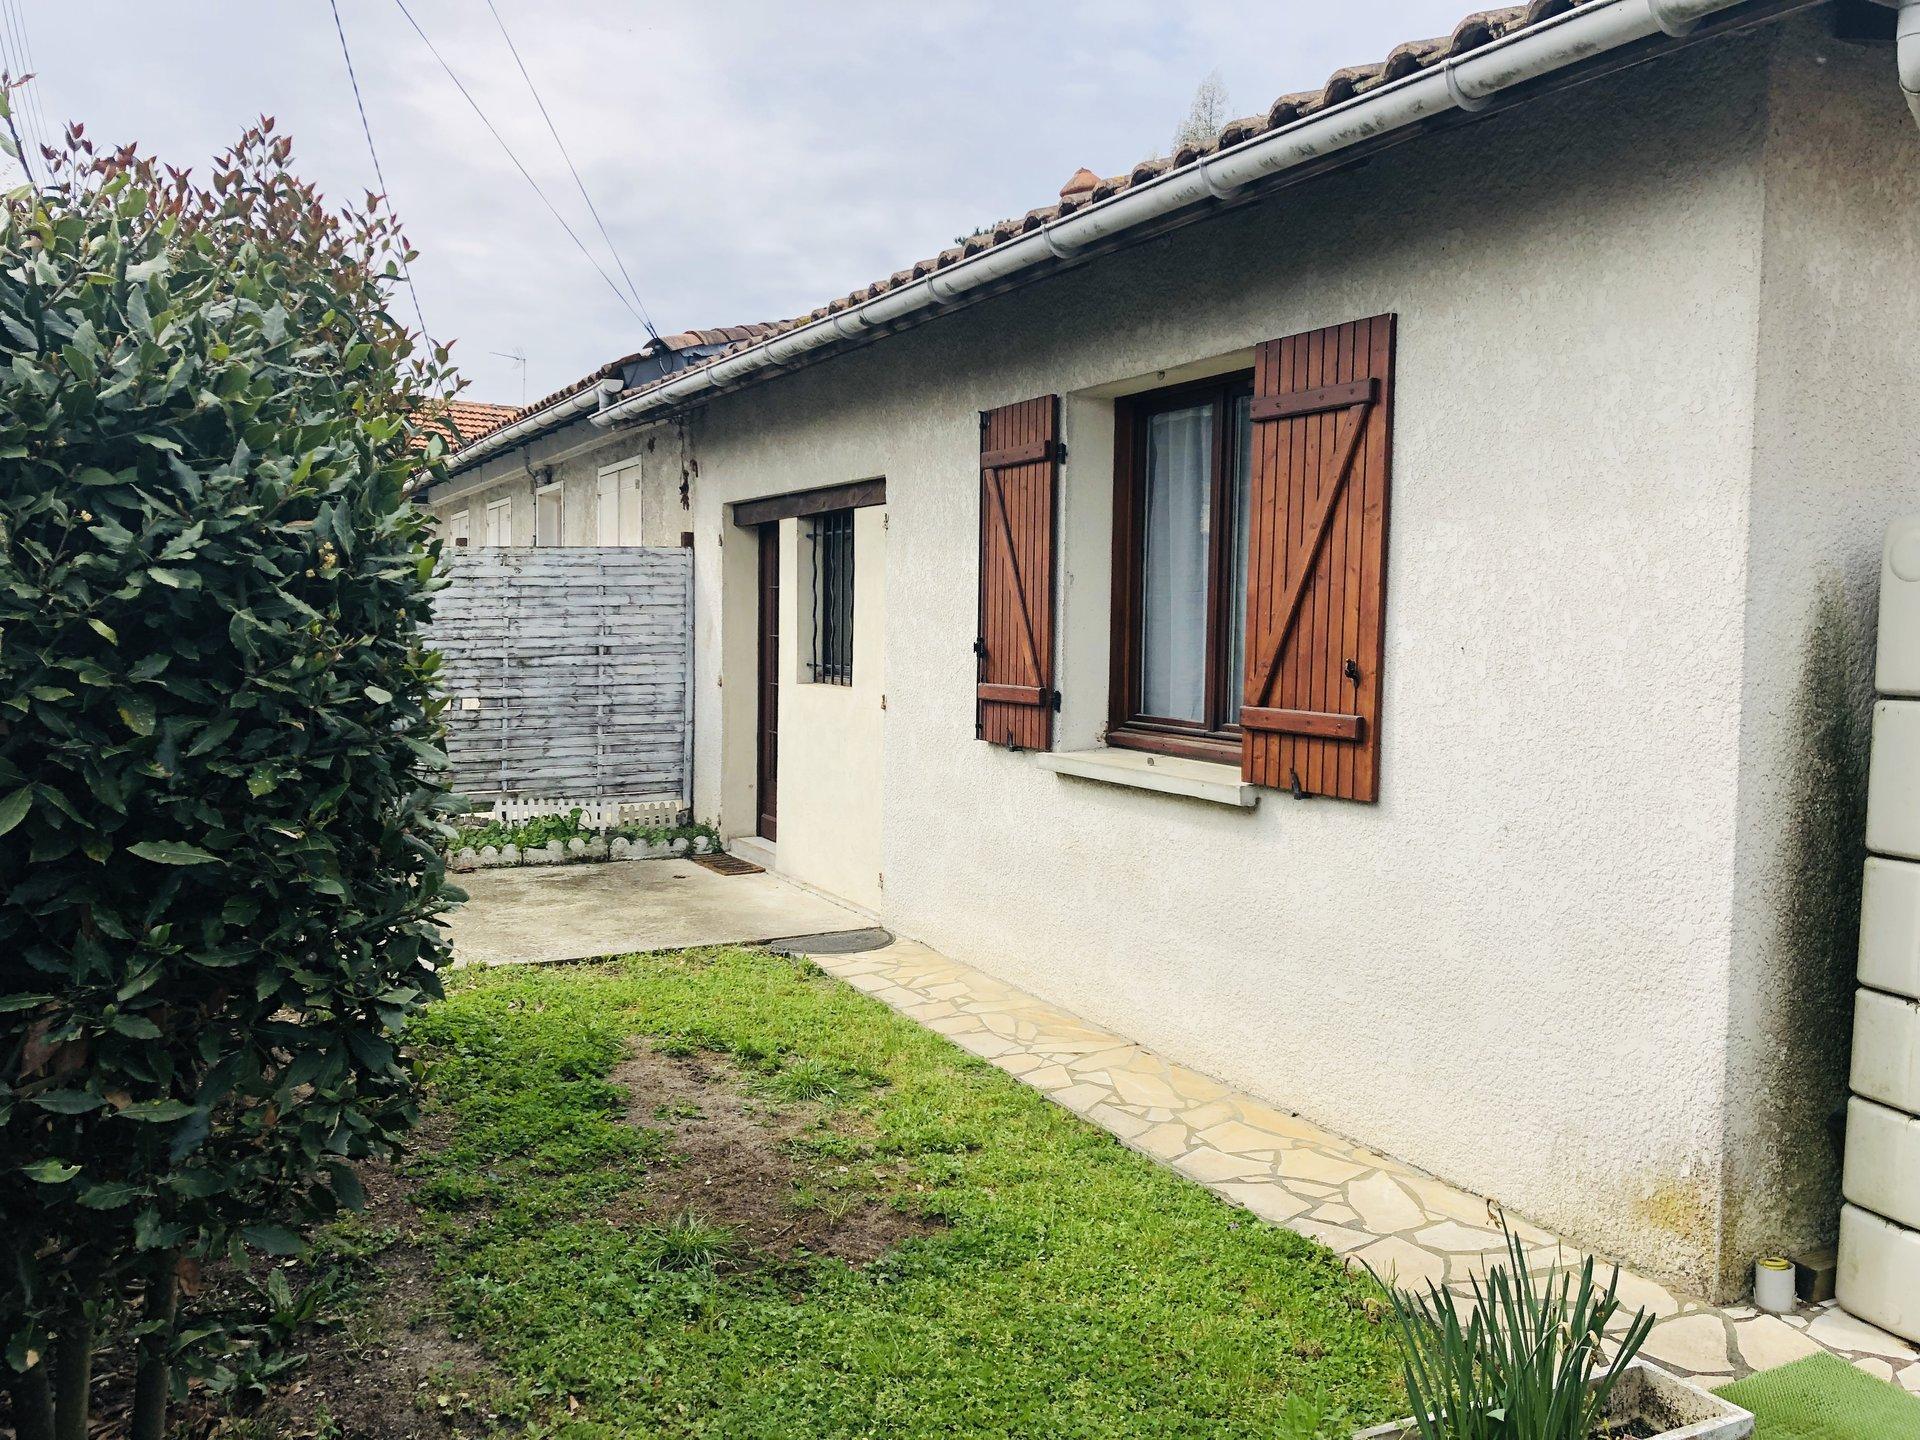 Maison-Villa - La Teste-de-Buch